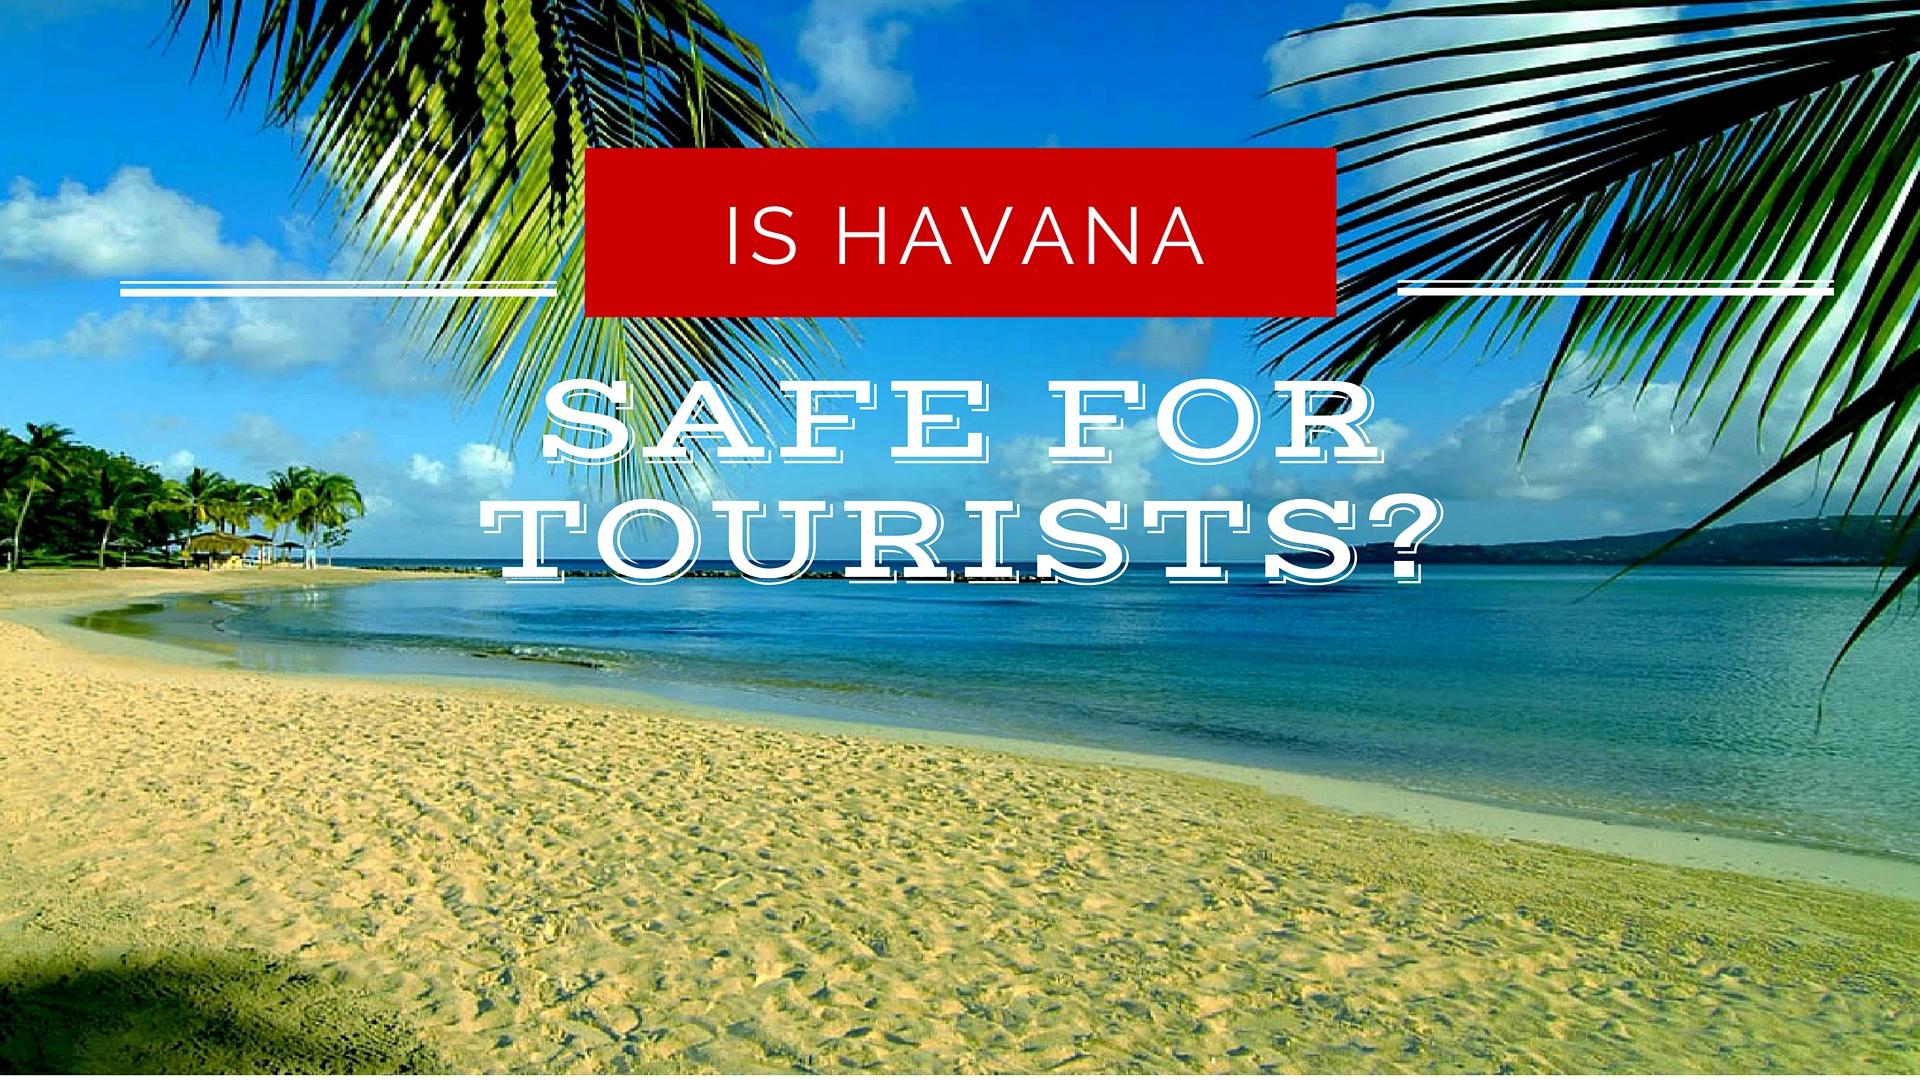 is havana safe